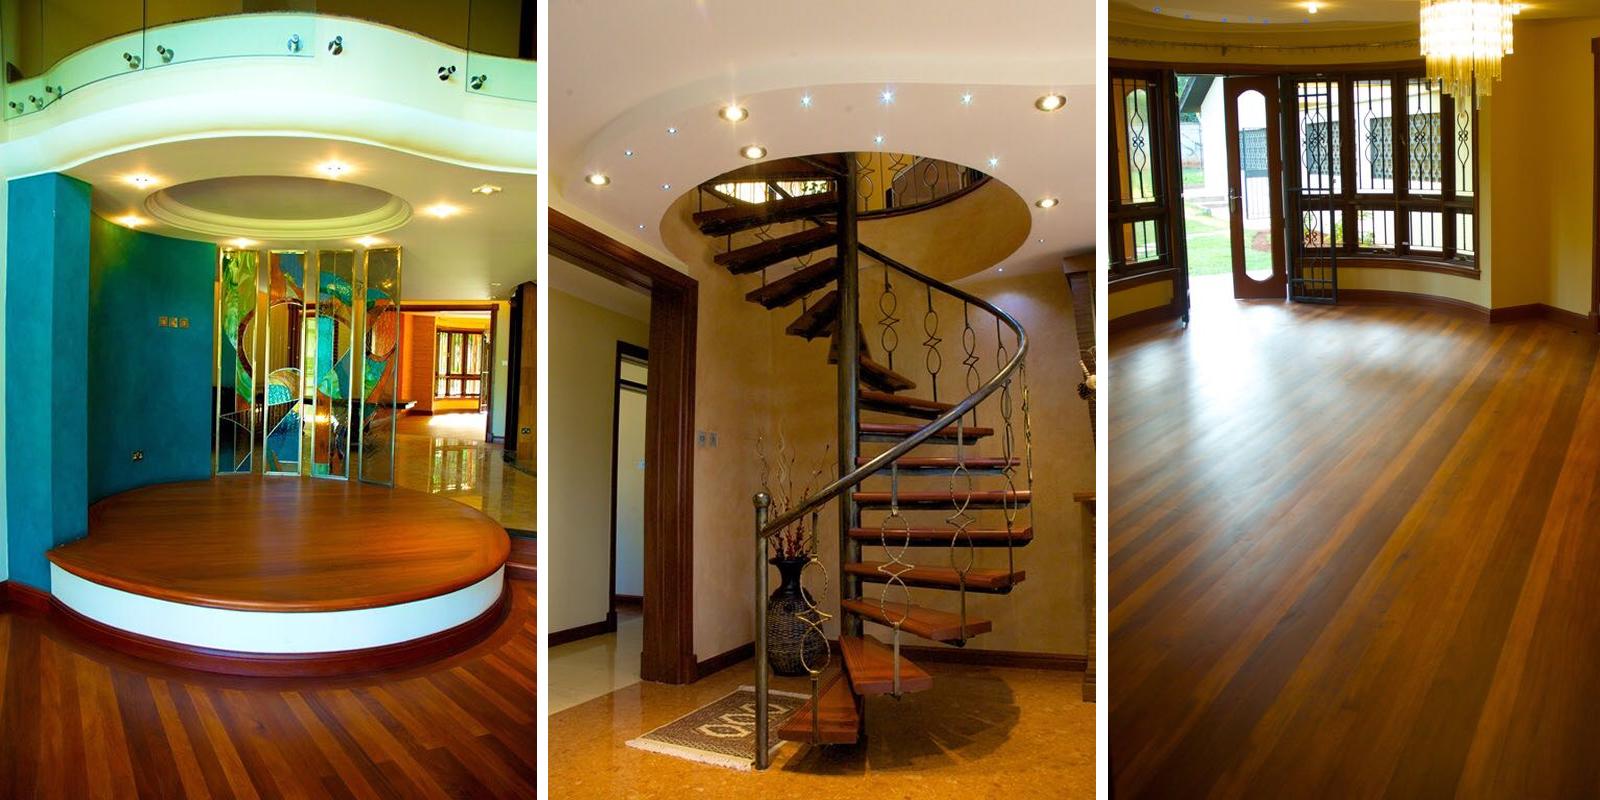 shahtimber-homeslides-1600×800-flooring-staircases-kenya-eastafrica